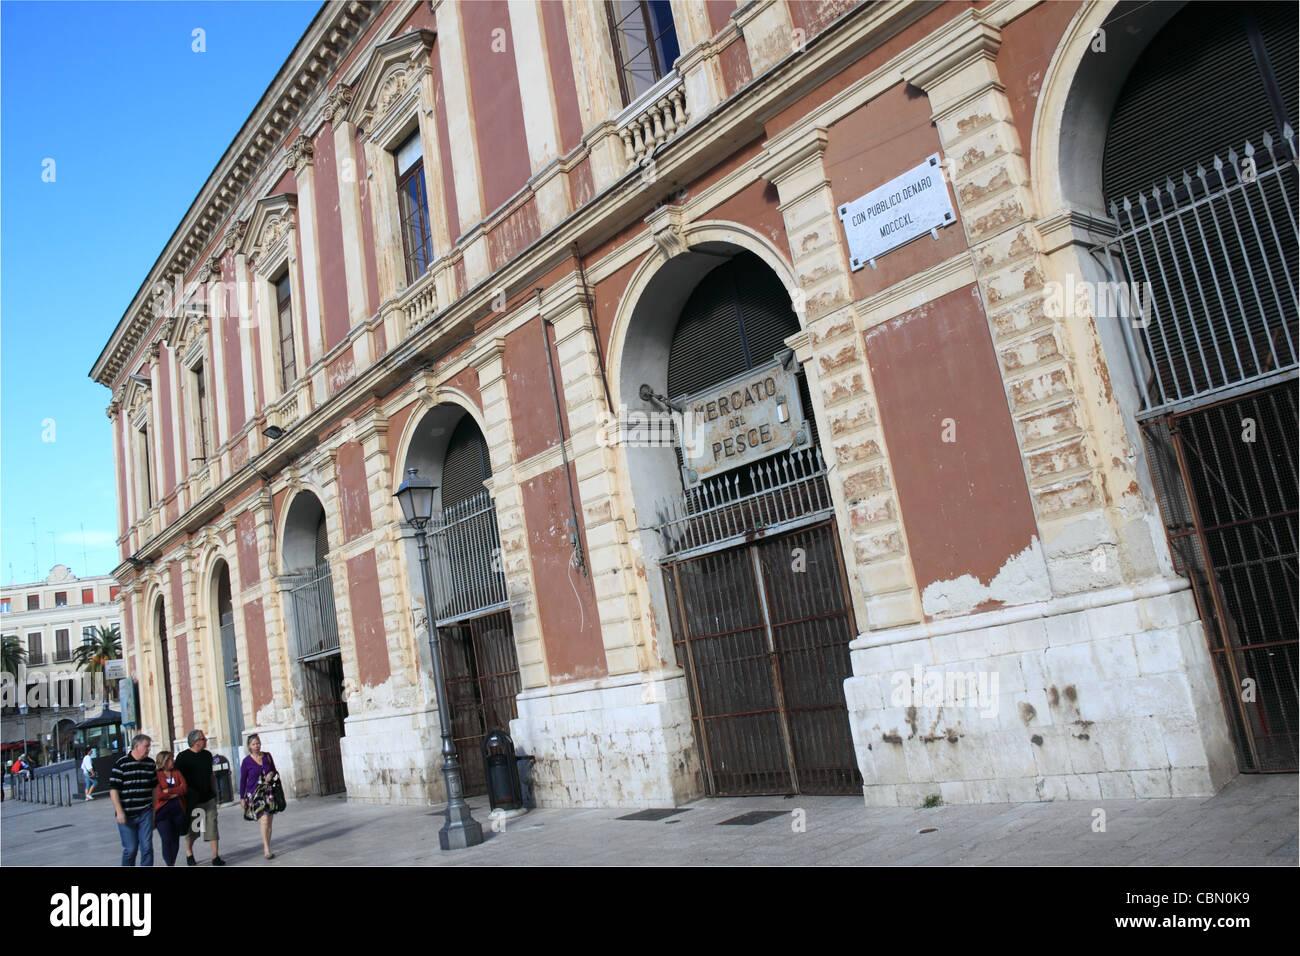 Old indoor fish market building, Mercato del Pesce, Bari, Apulia, Puglia, Italy, Italia, Italie, Adriatic Sea, Europe - Stock Image